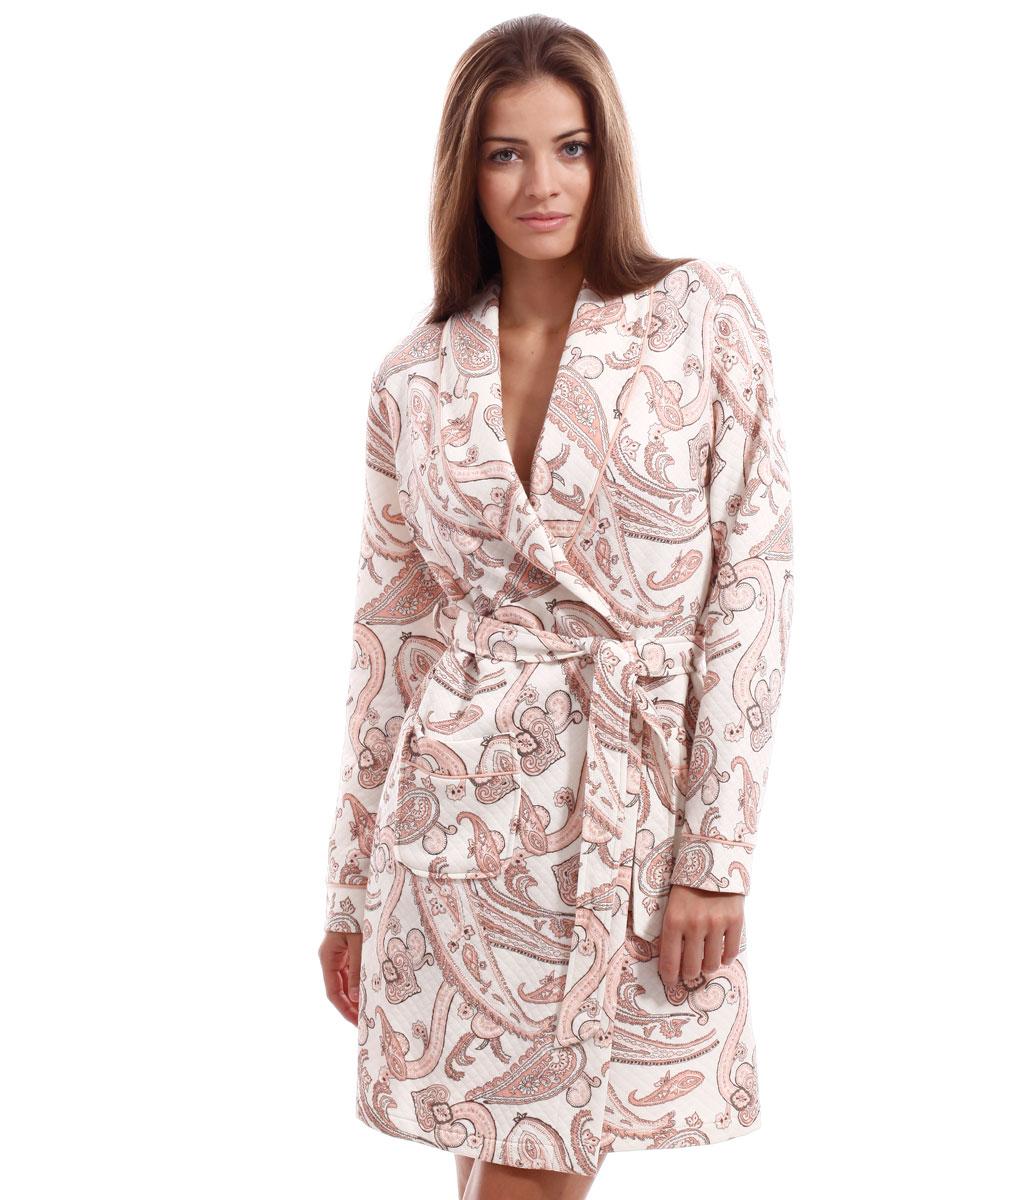 robe-estampado